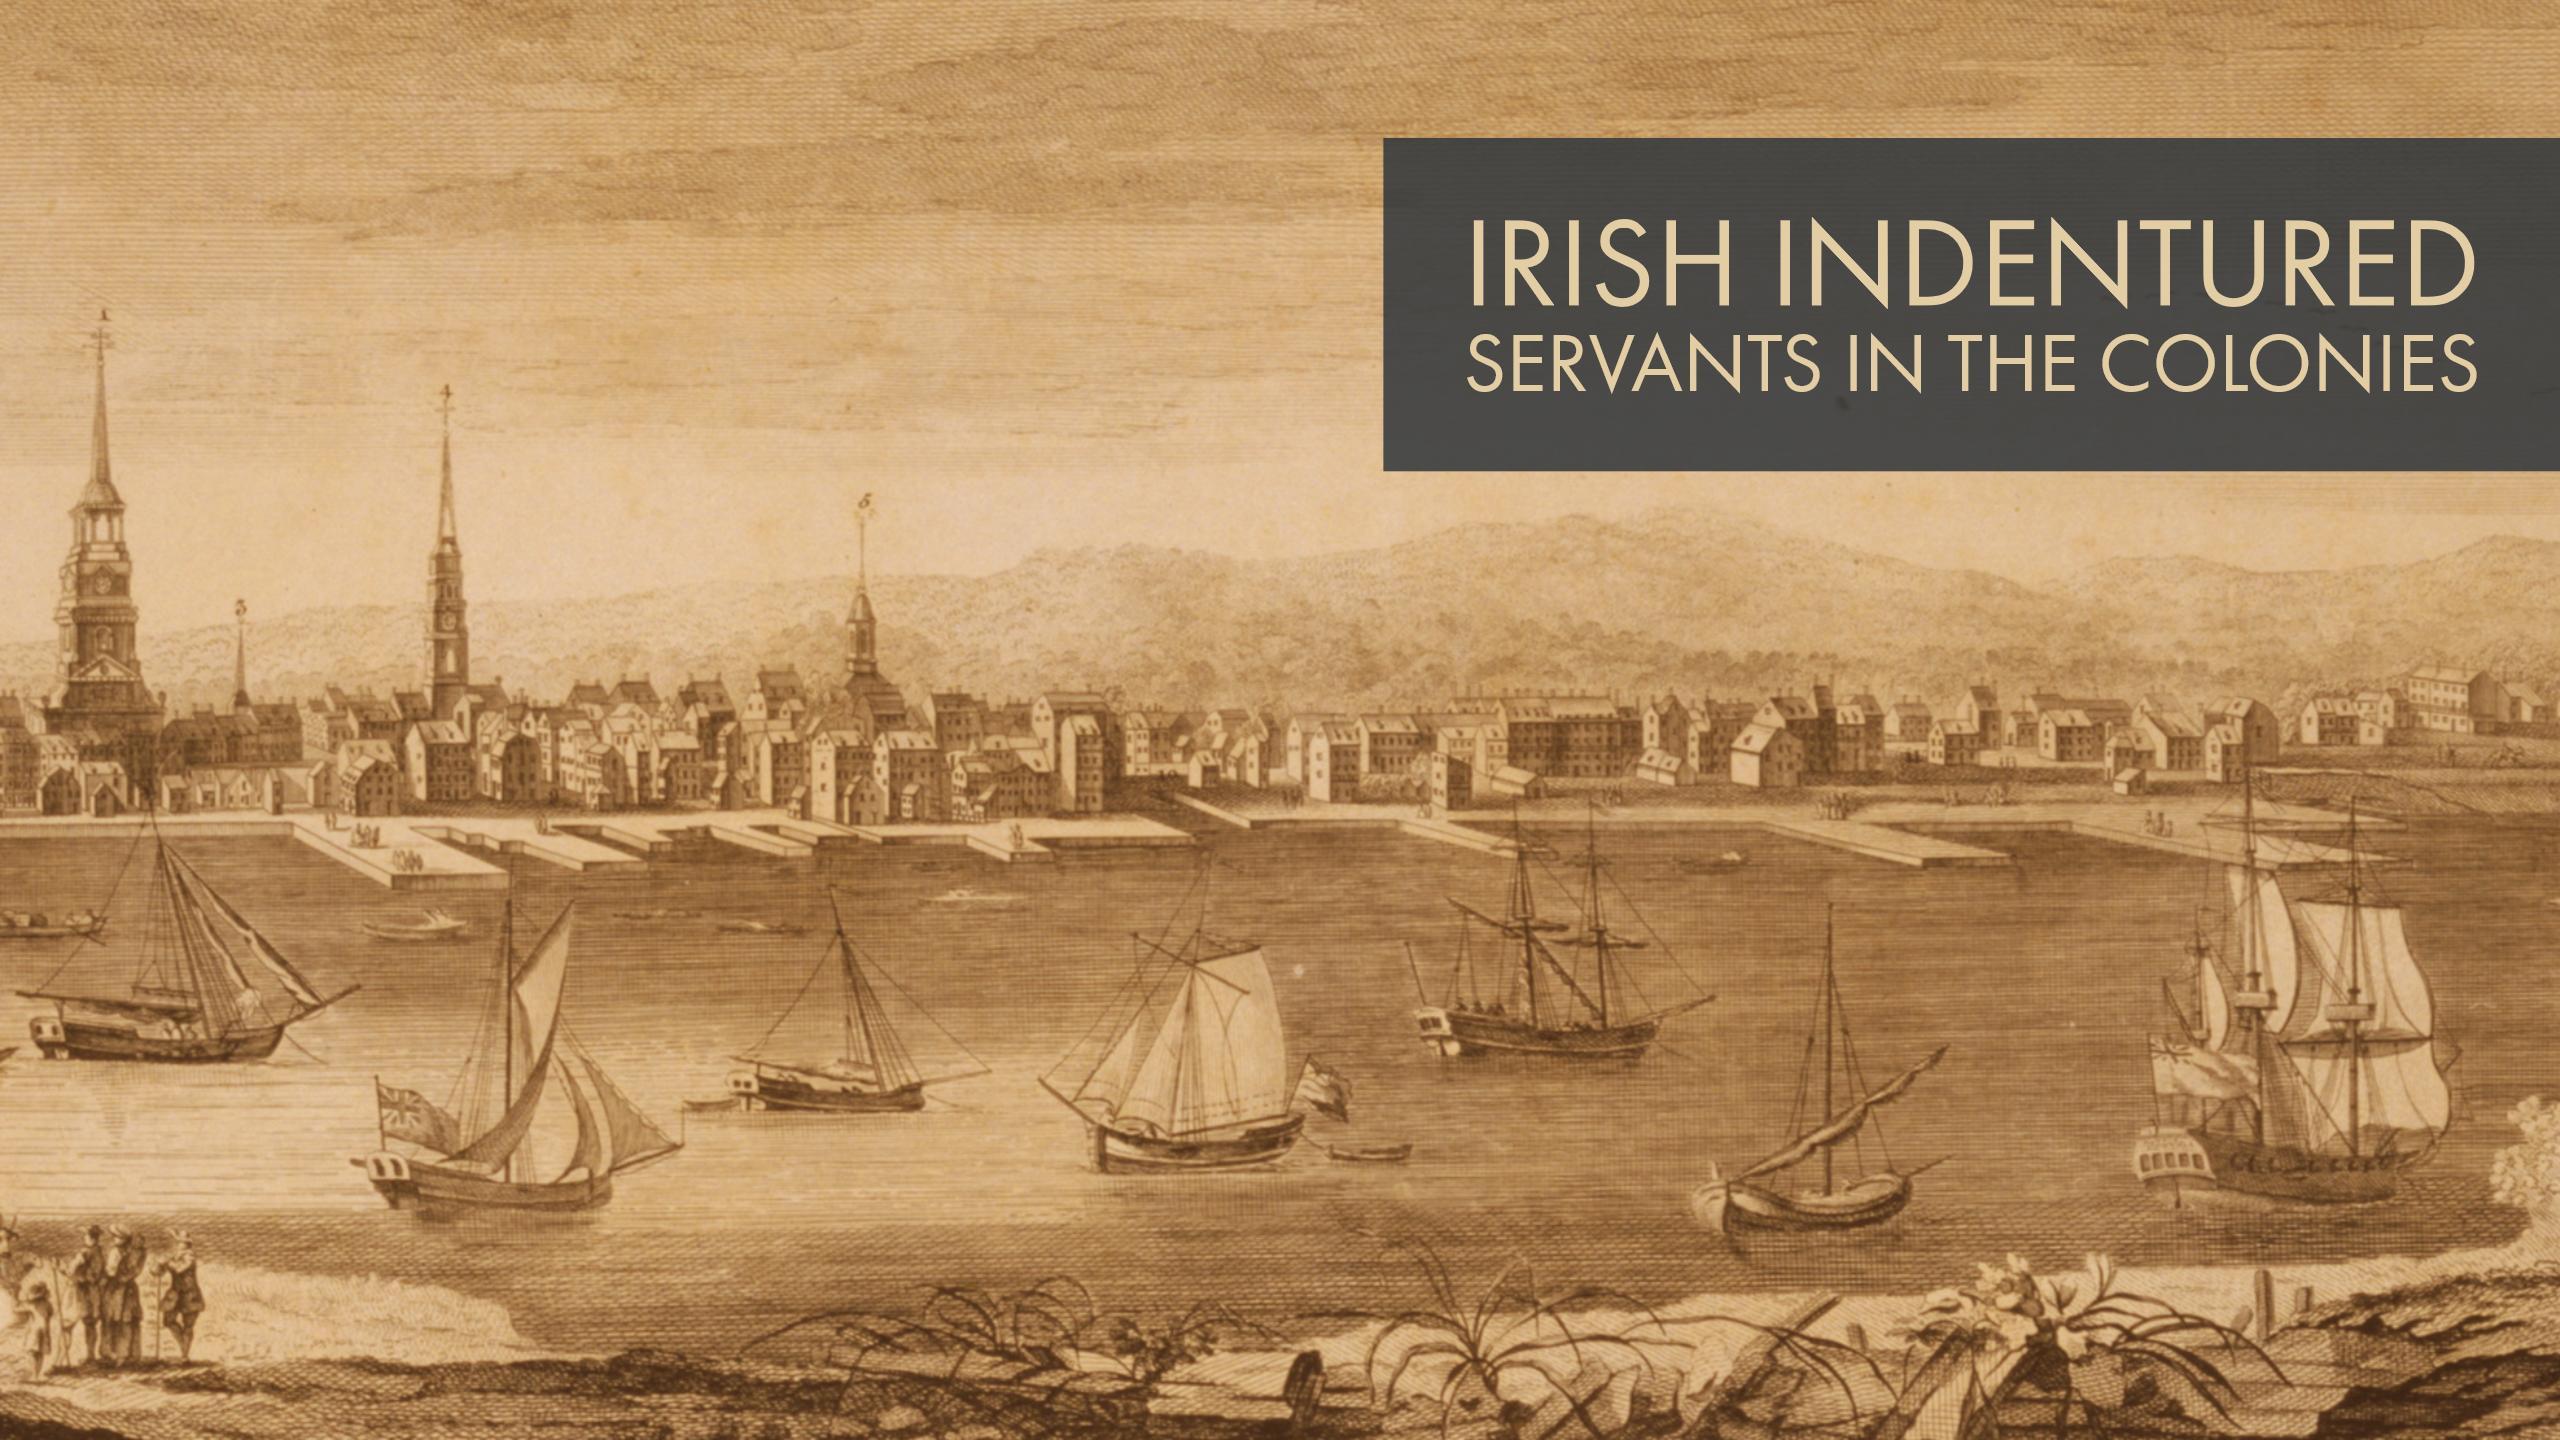 Irish Indentured Servants In The Colonies